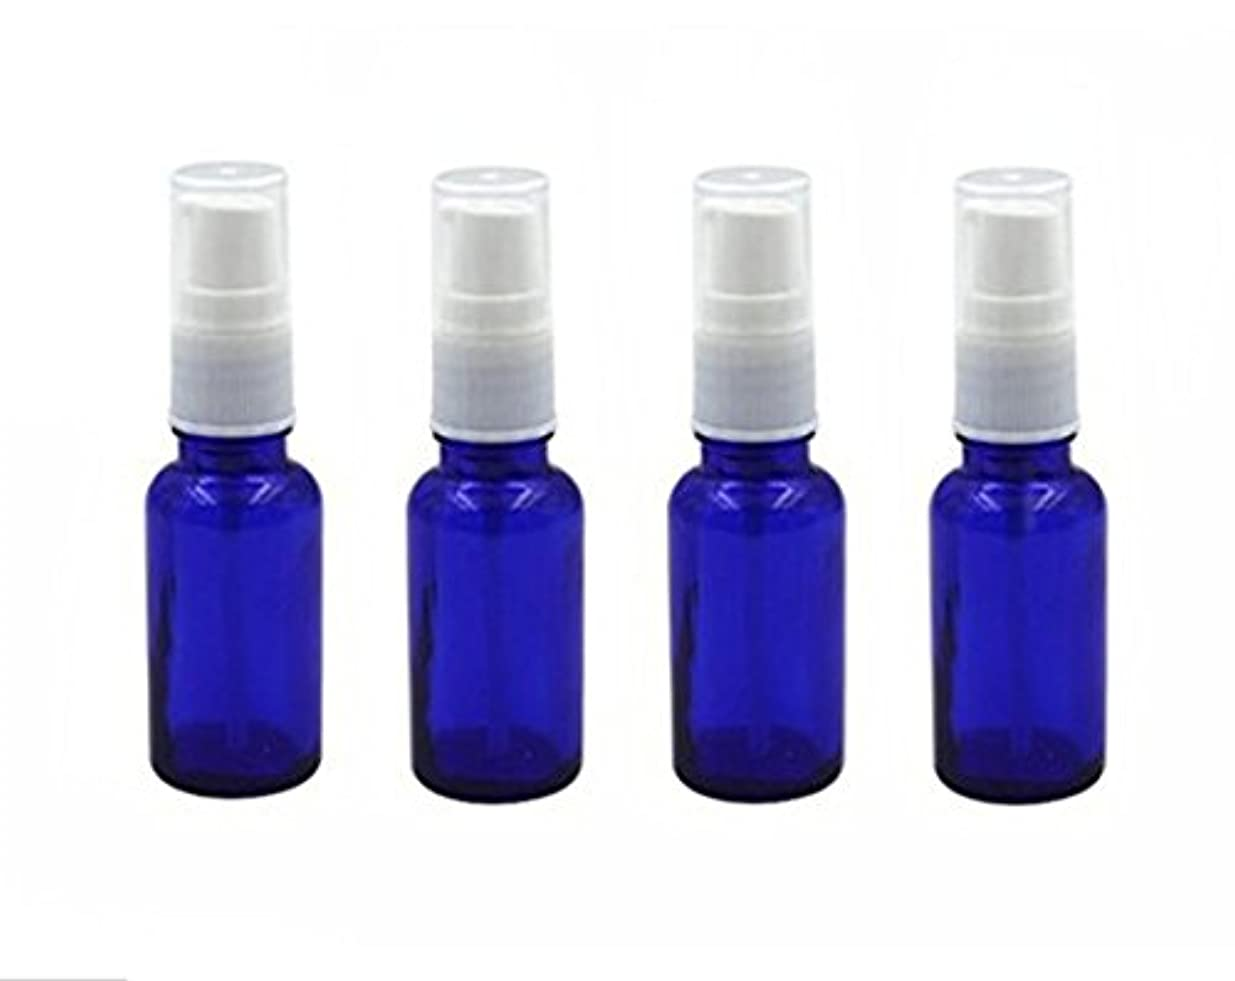 魅惑する孤独盆4個10 ml / 20ml再利用可能な空ガラスポンプボトル/ホワイトプラスチックキャップ付き容器 – エッセンシャルオイルの化粧品メーキャップディスペンサーシャンプーサンプルボトル押し (20 ML, ブルー)